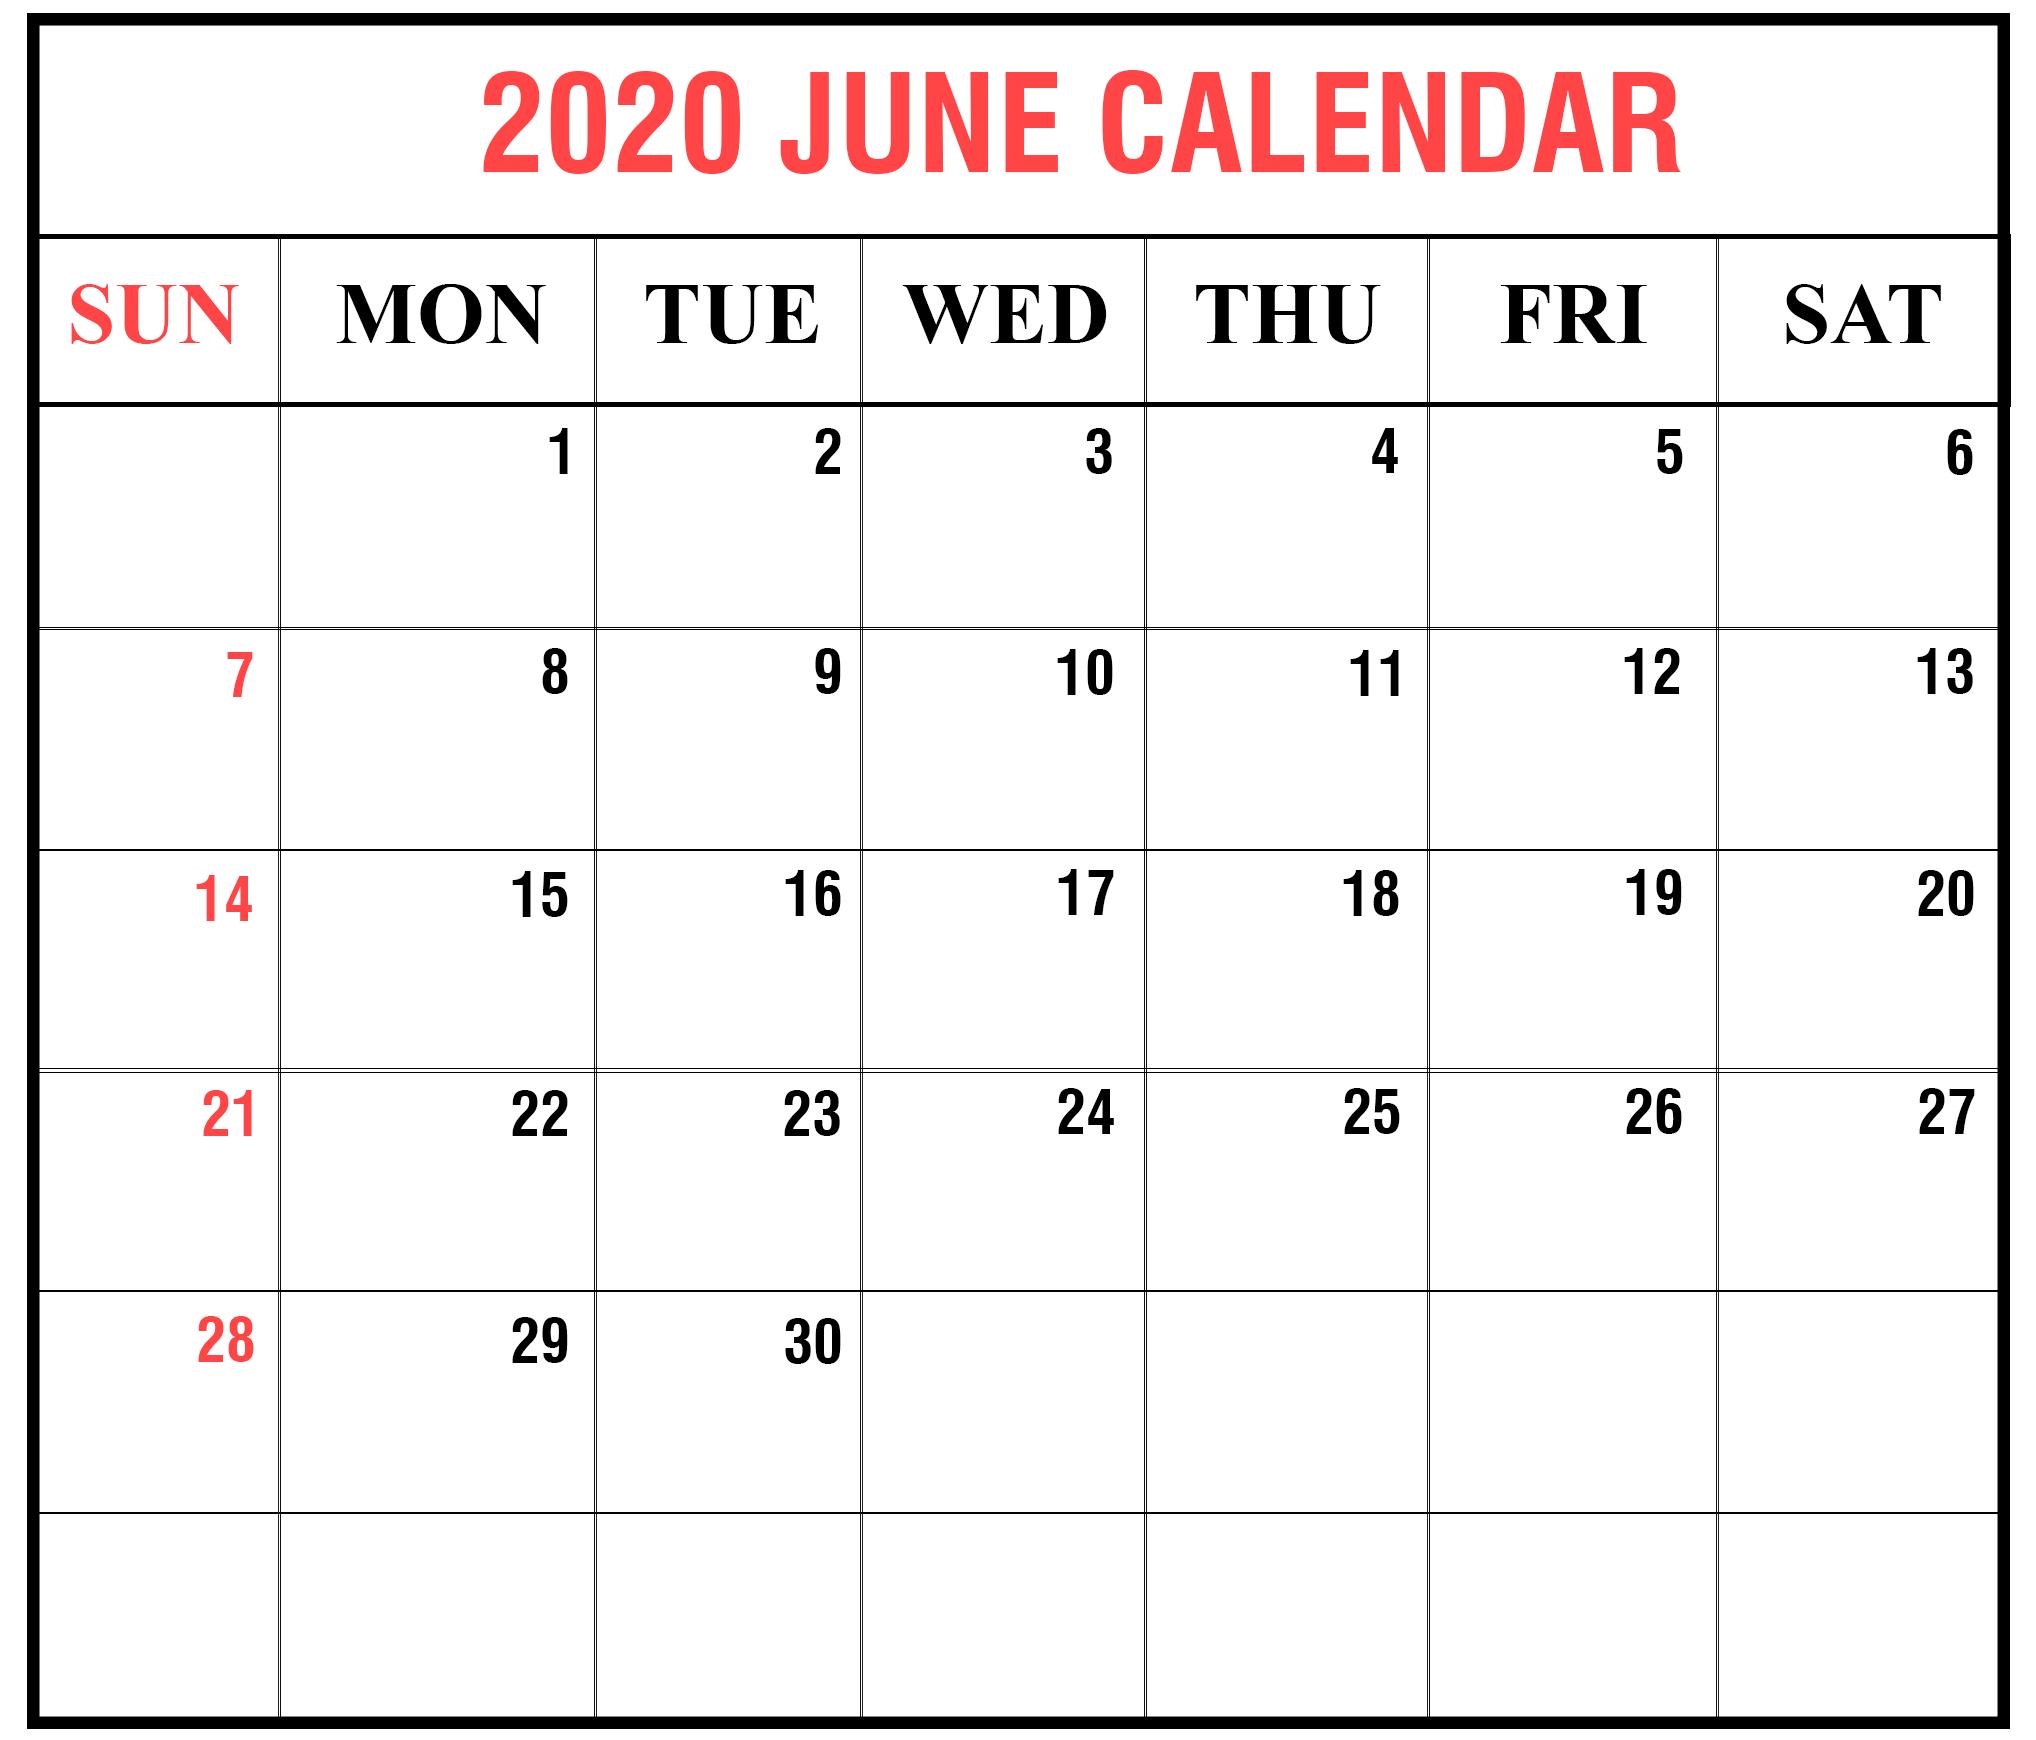 2020 June Calendar Excel